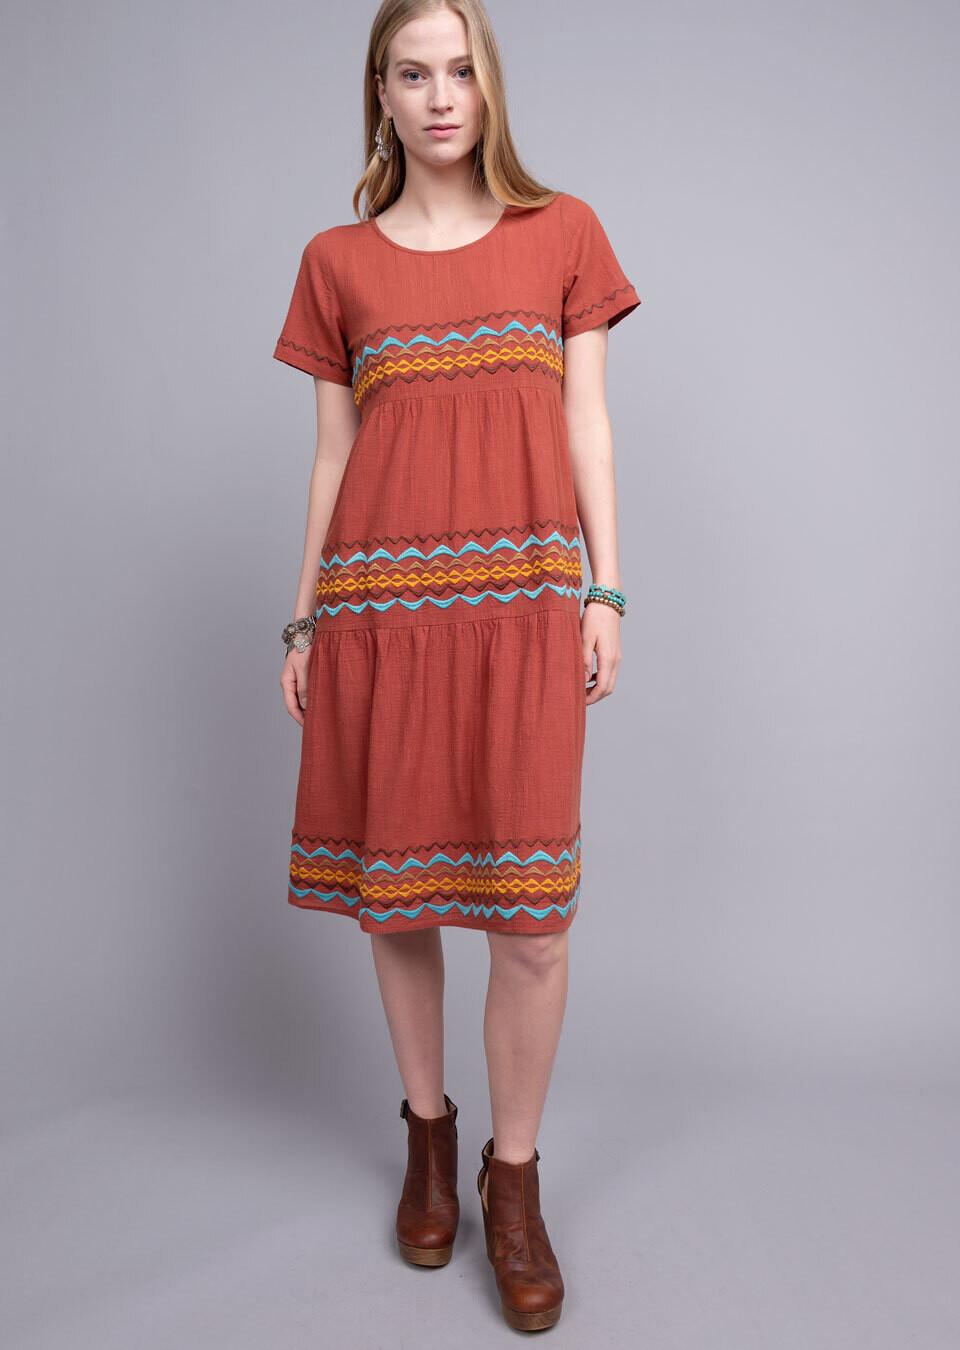 Zig Zag Tiered Dress